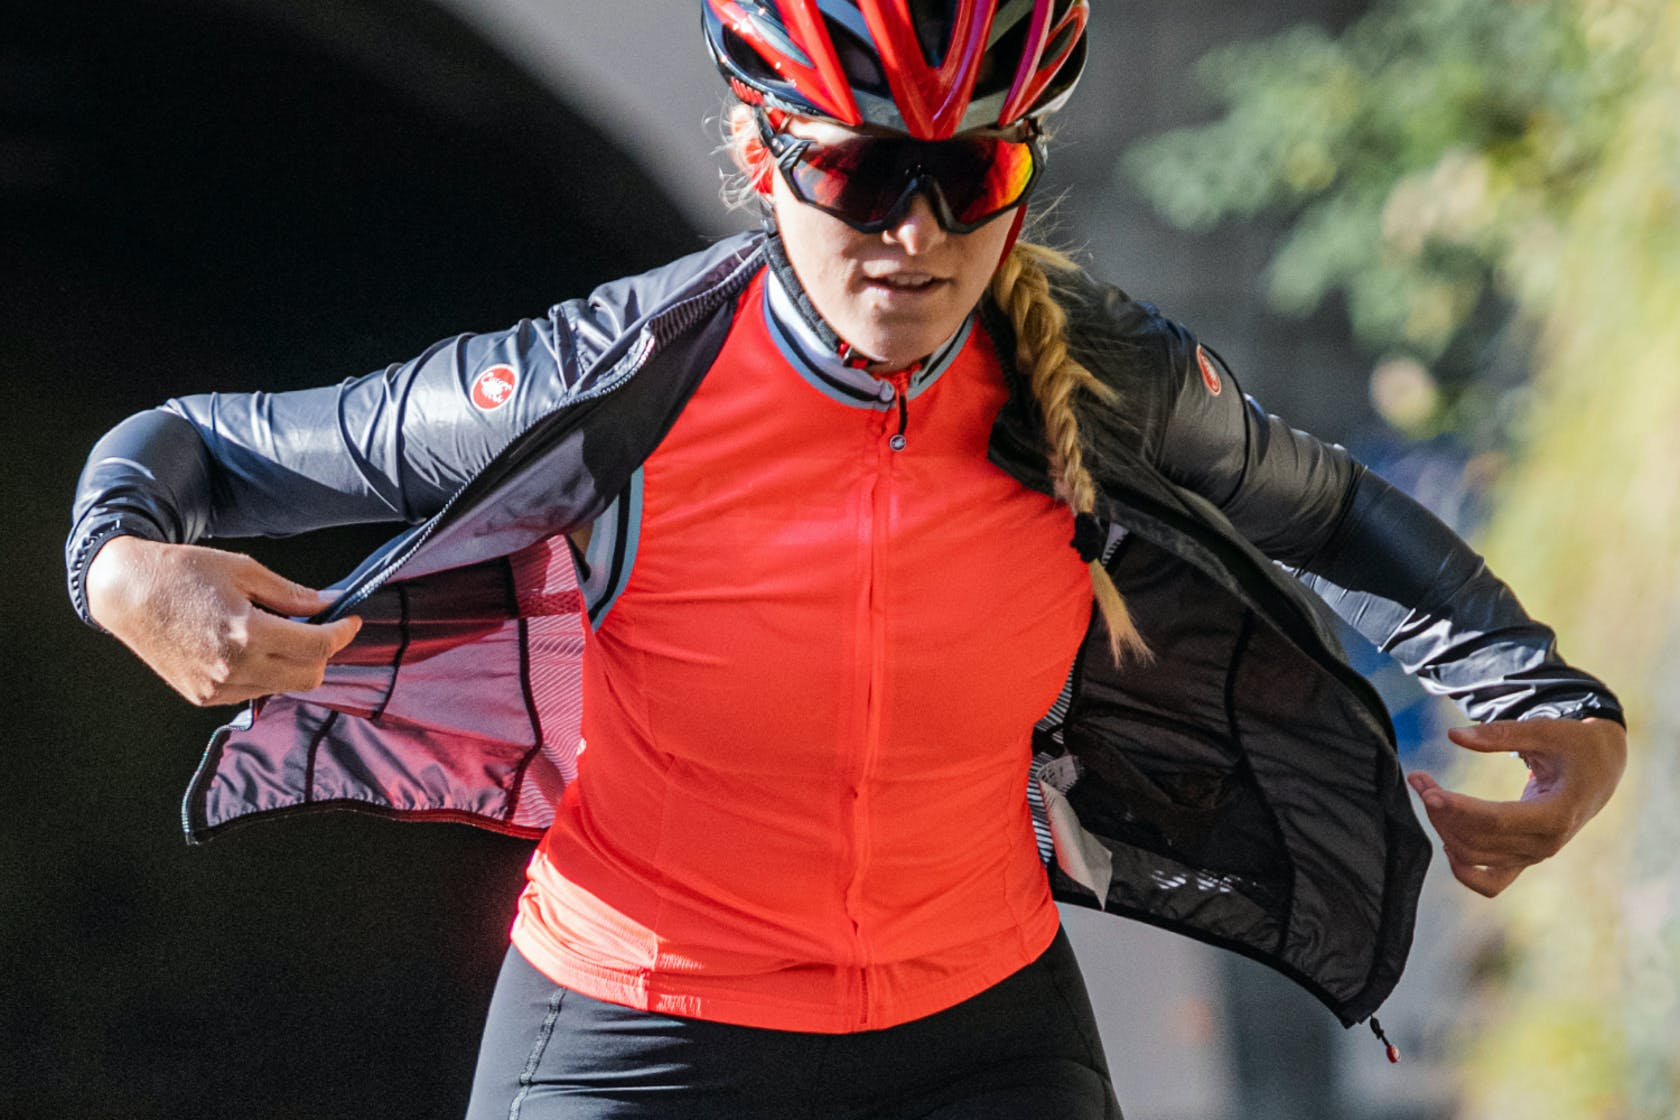 ventina giacca antipioggia bicicletta